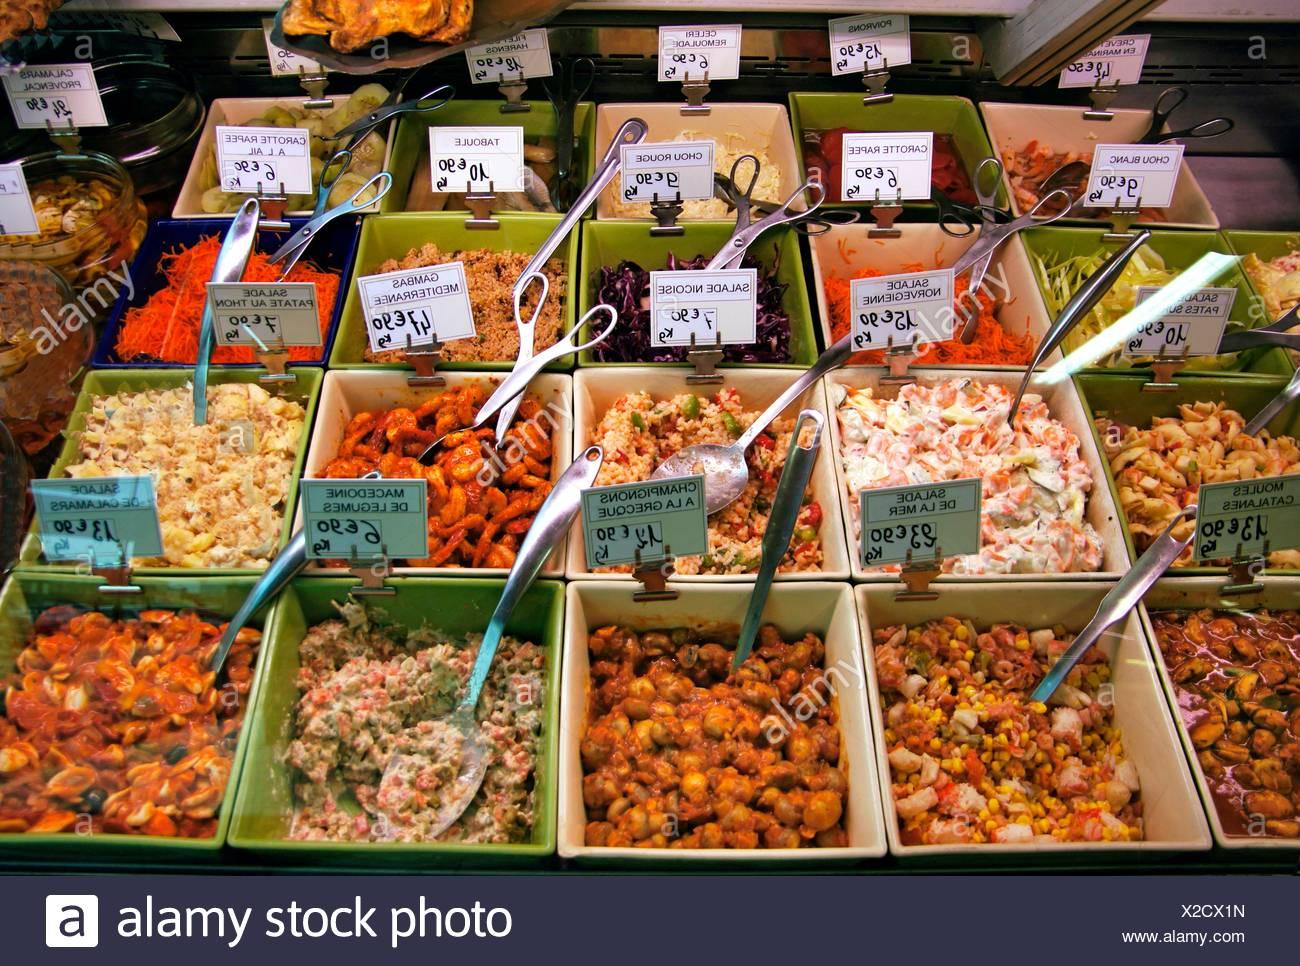 La préparation de l'aliment à Eauze, Gers, Midi-Pyrénées, France Photo Stock